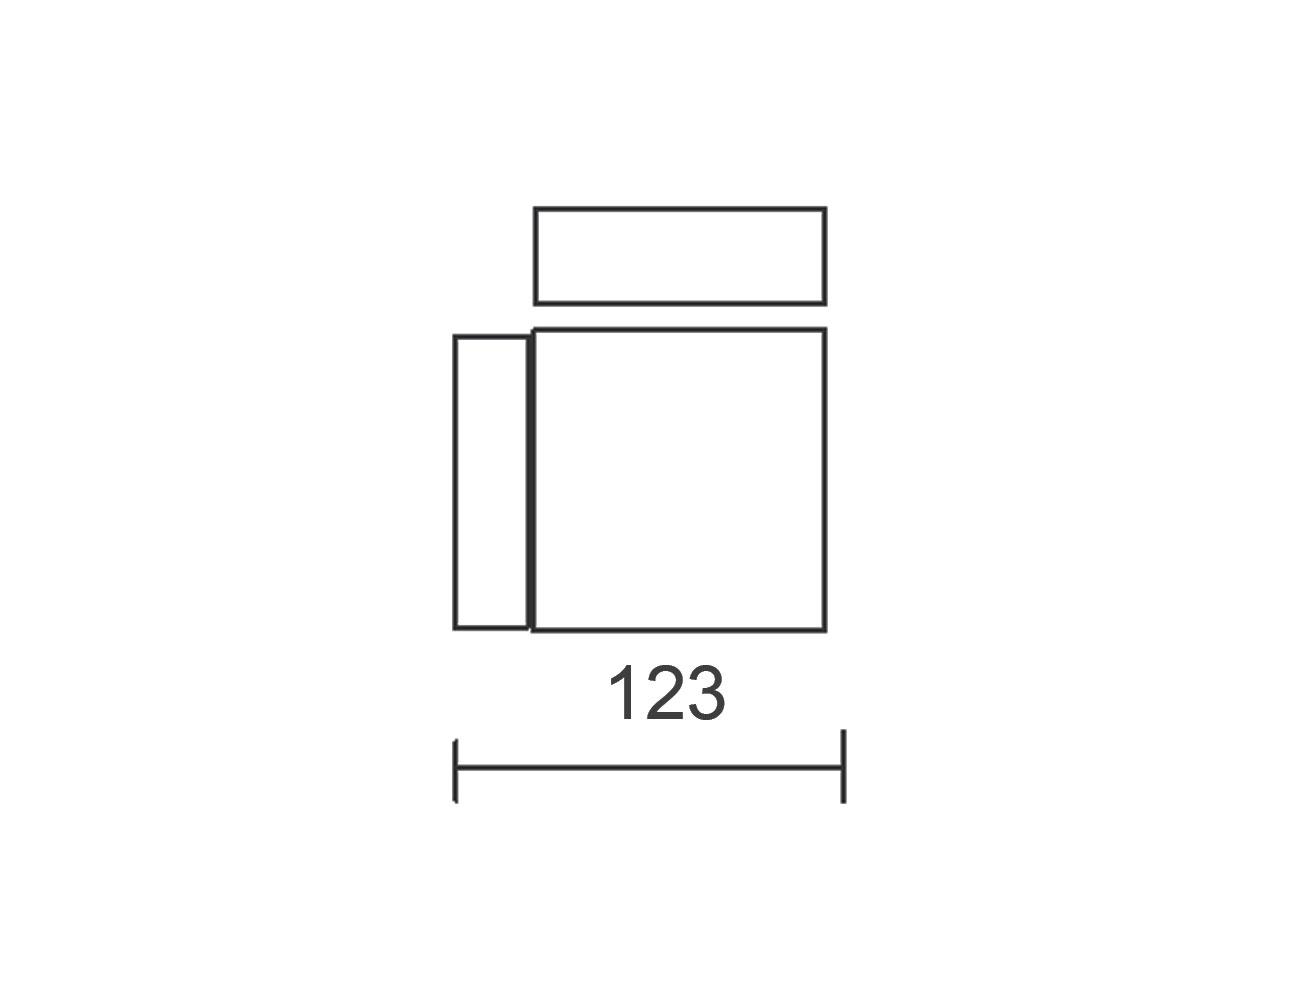 Modulo 123